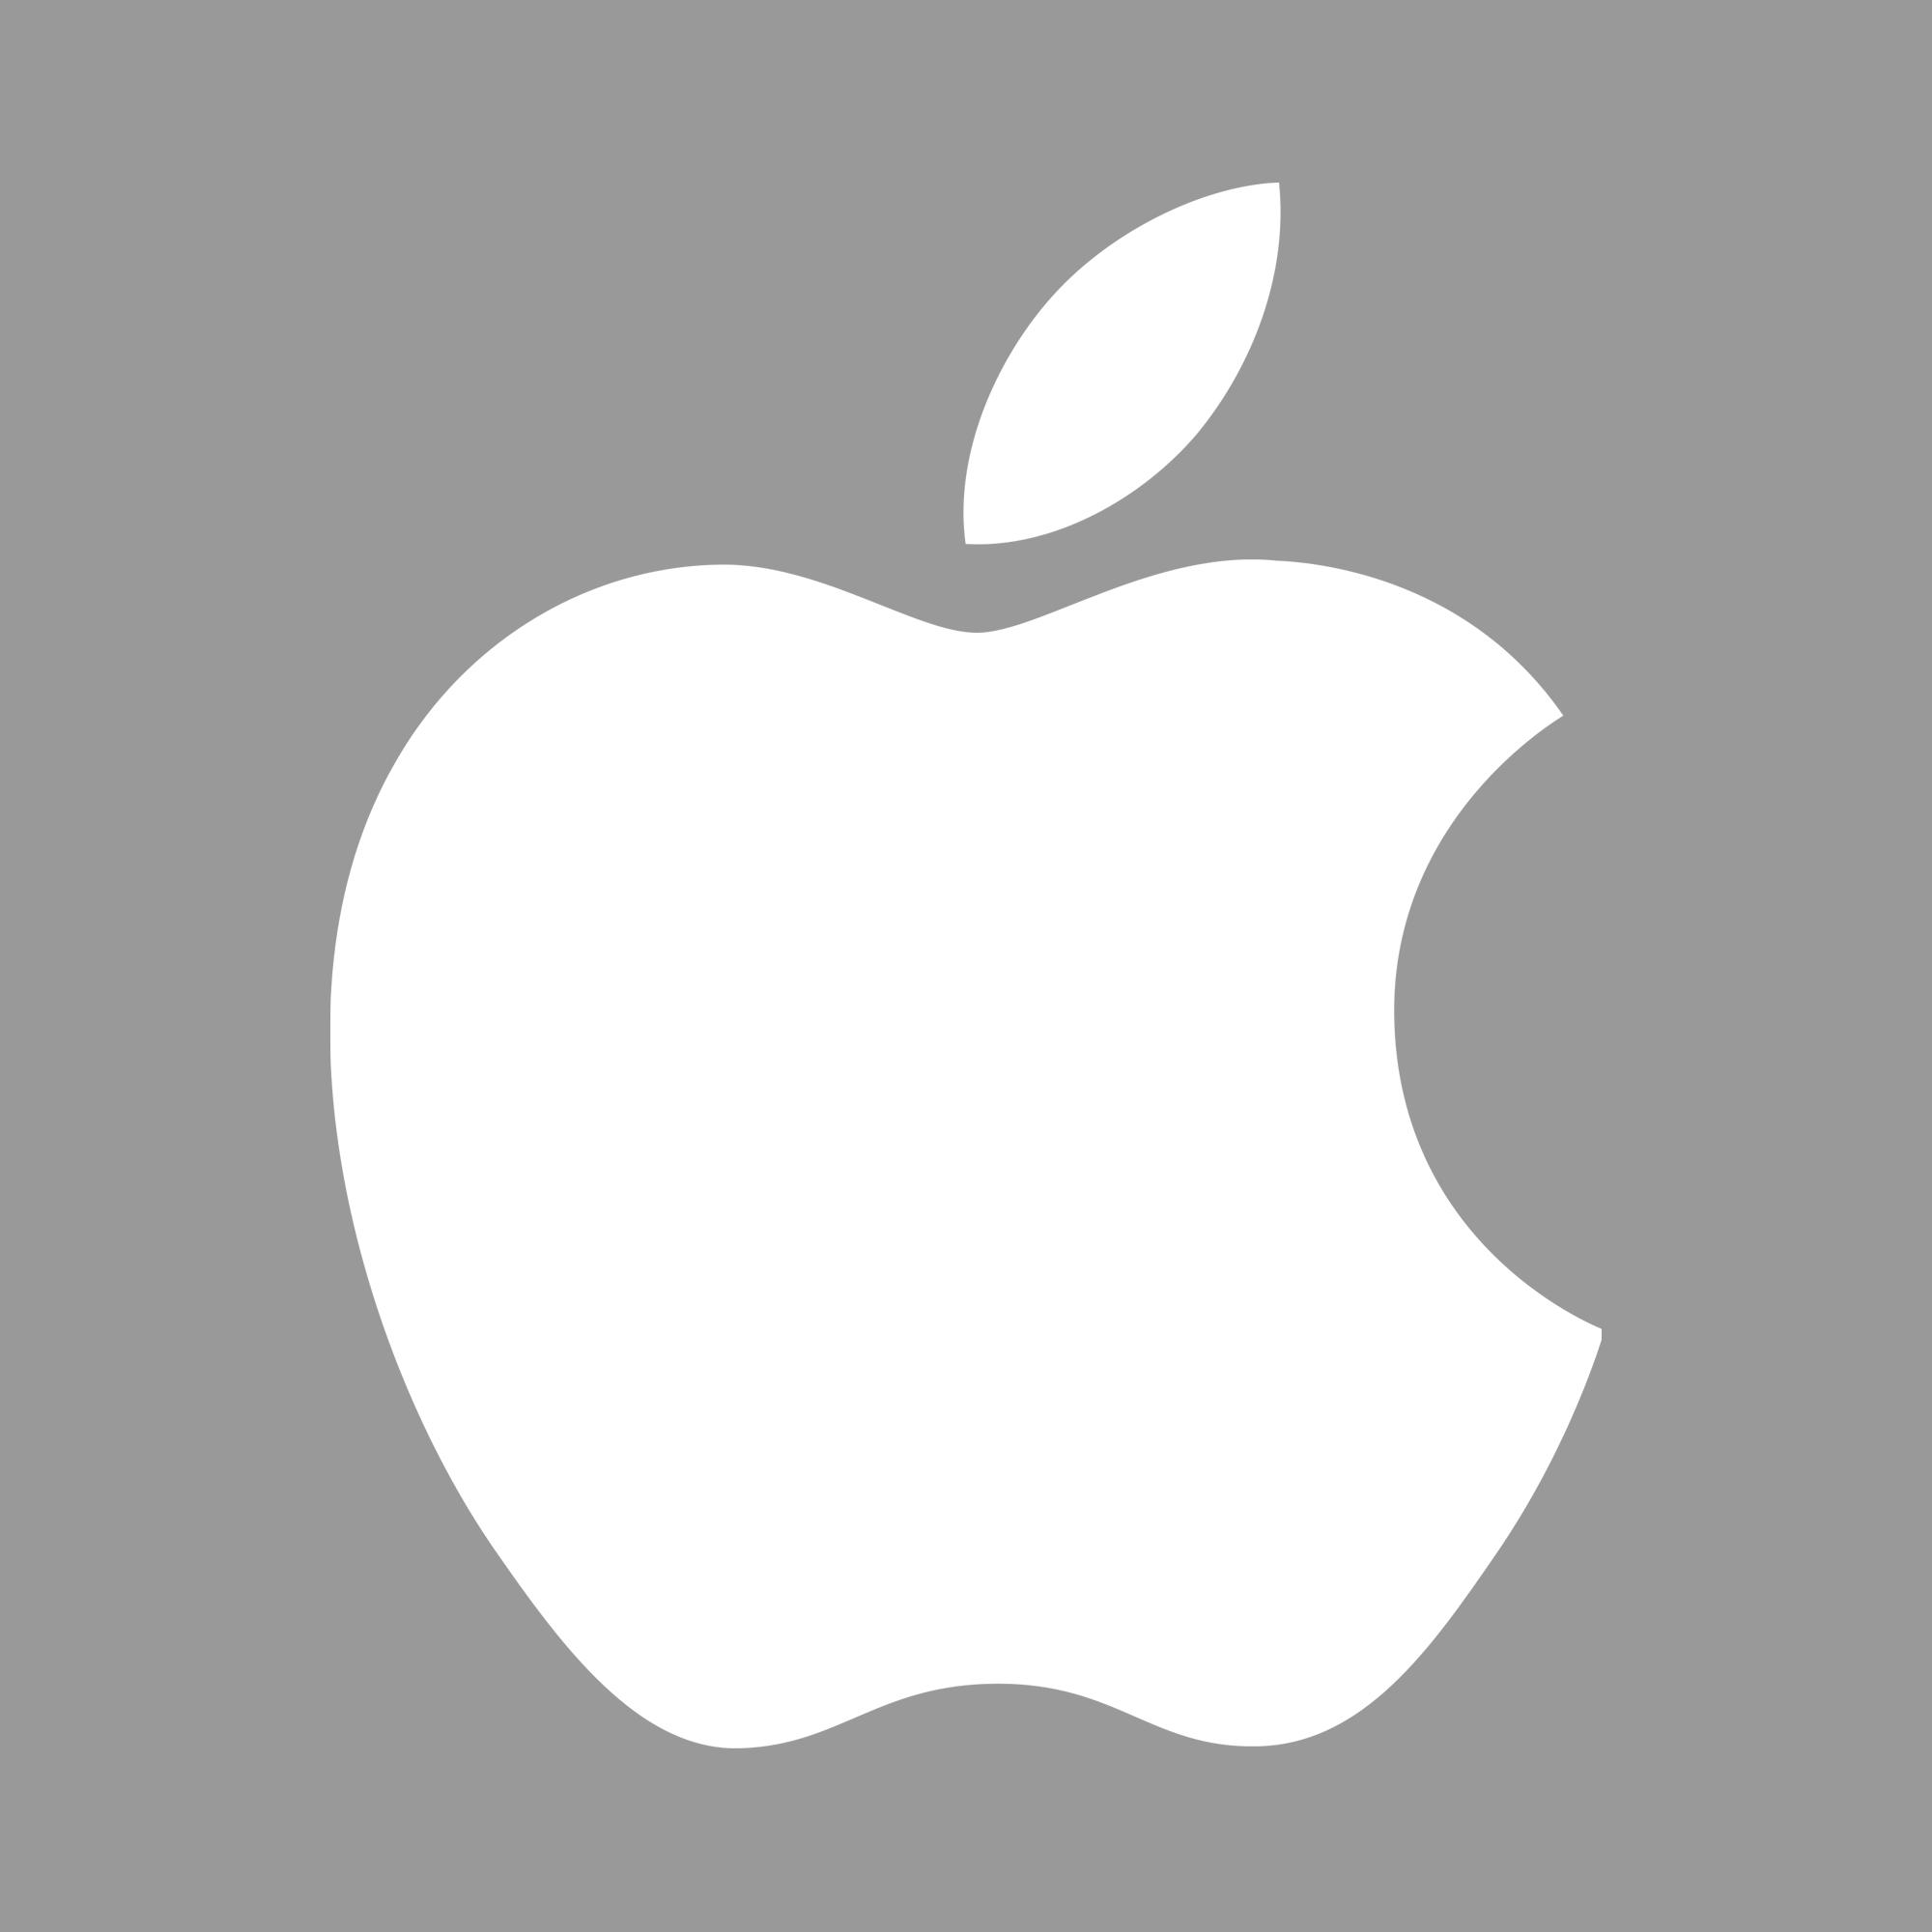 Apple Vaut Mille Milliard De Dollars